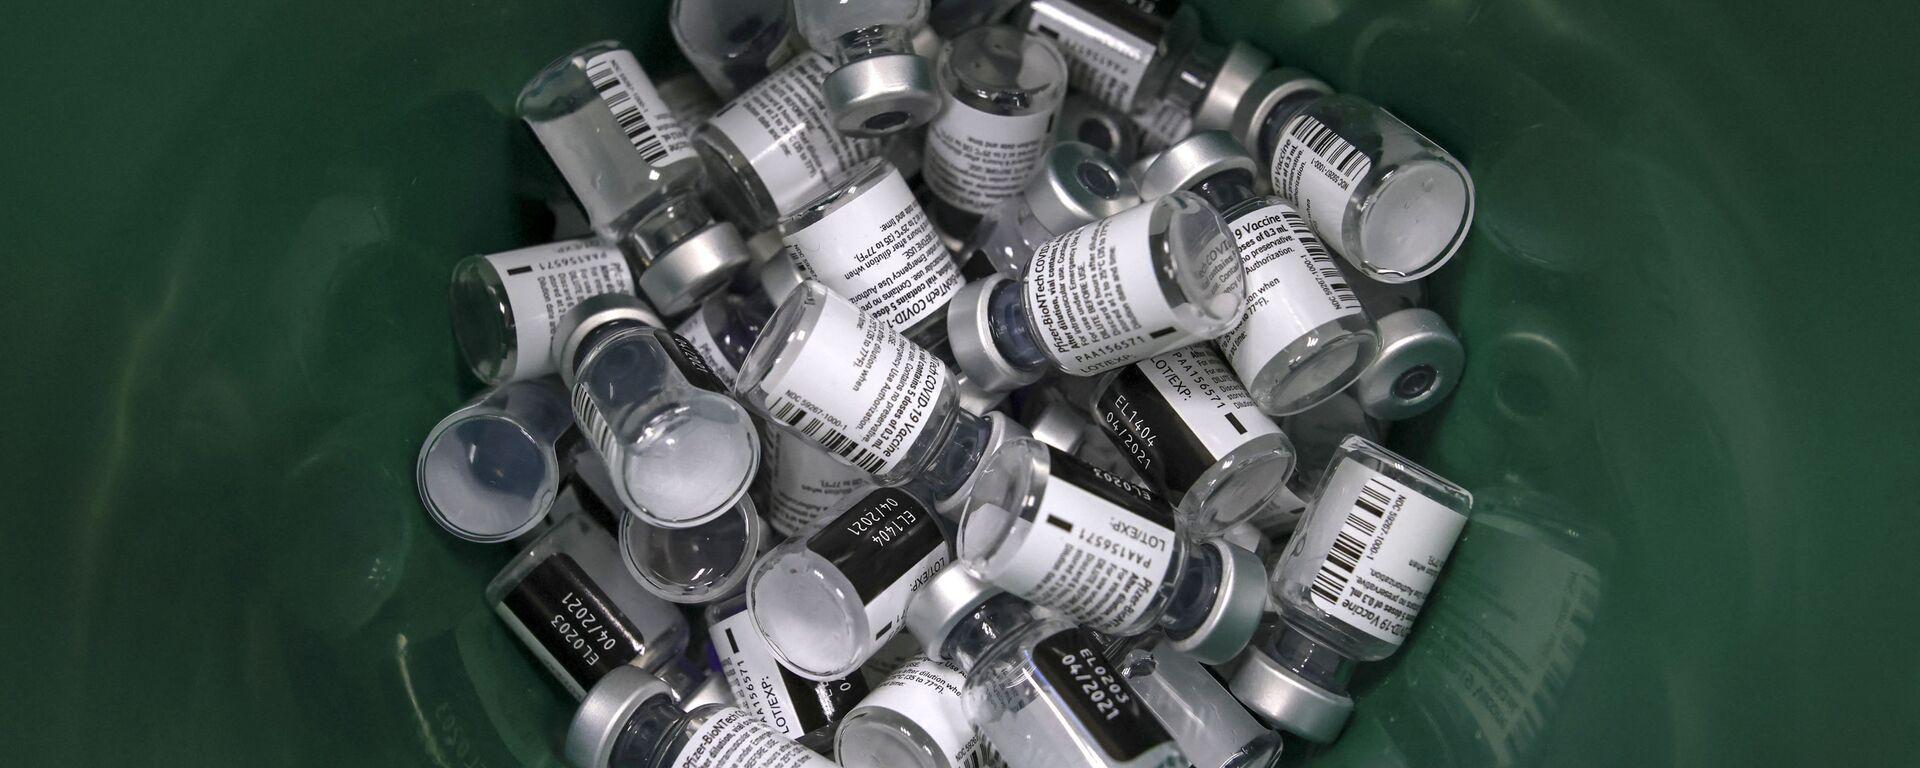 Εμβόλιο Pfizer στο Ισραήλ - Sputnik Ελλάδα, 1920, 08.09.2021